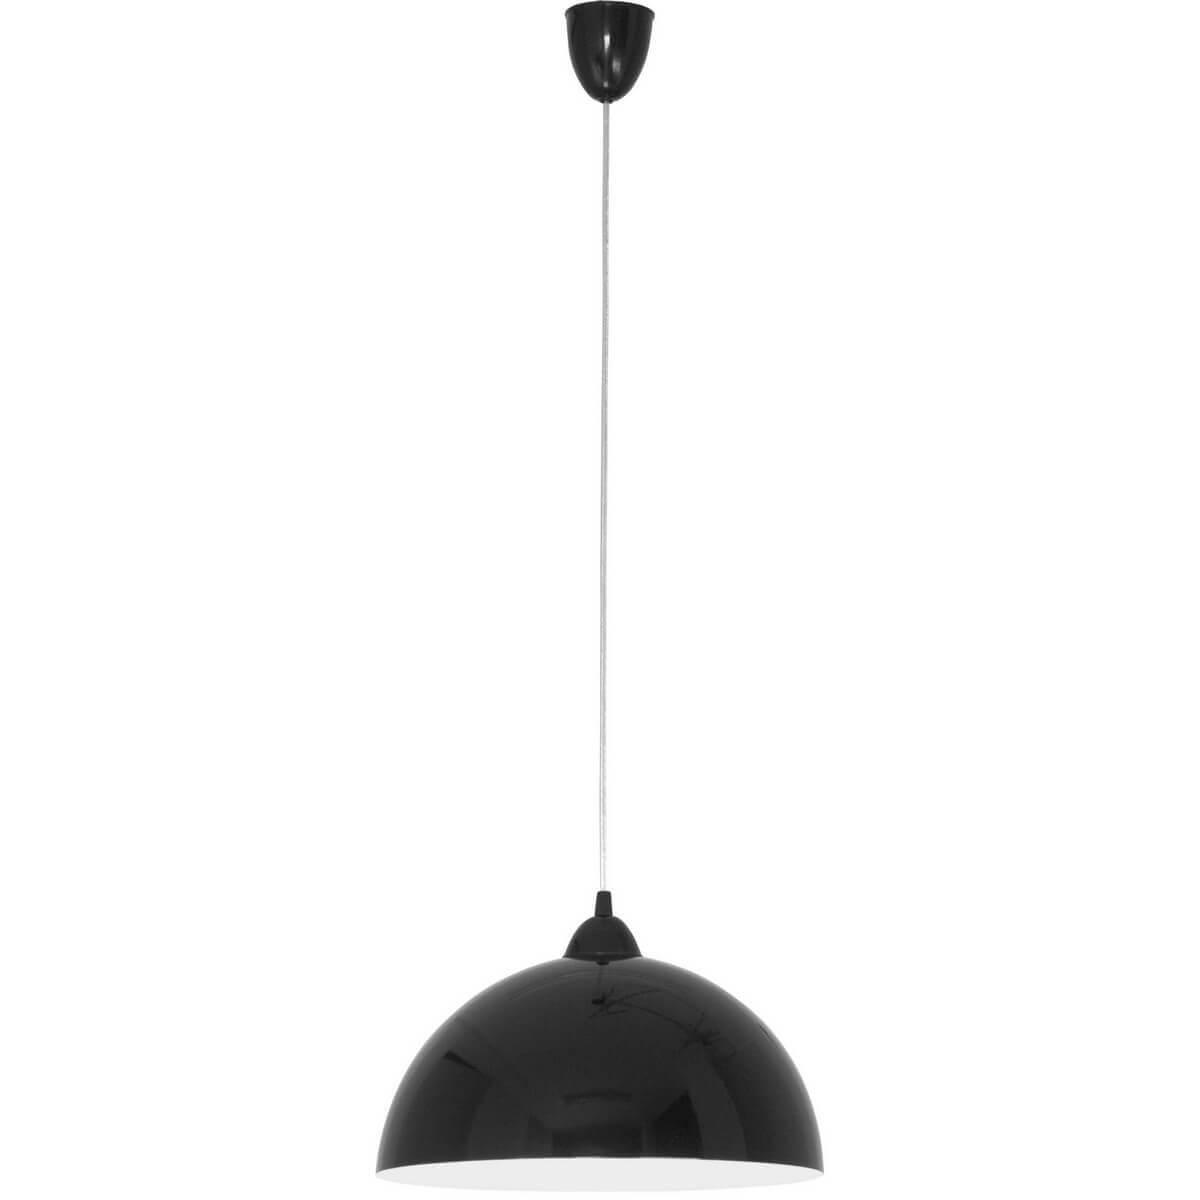 Светильник Nowodvorski 4838 Hemisphere Black подвесной светильник nowodvorski hemisphere cracks 6371